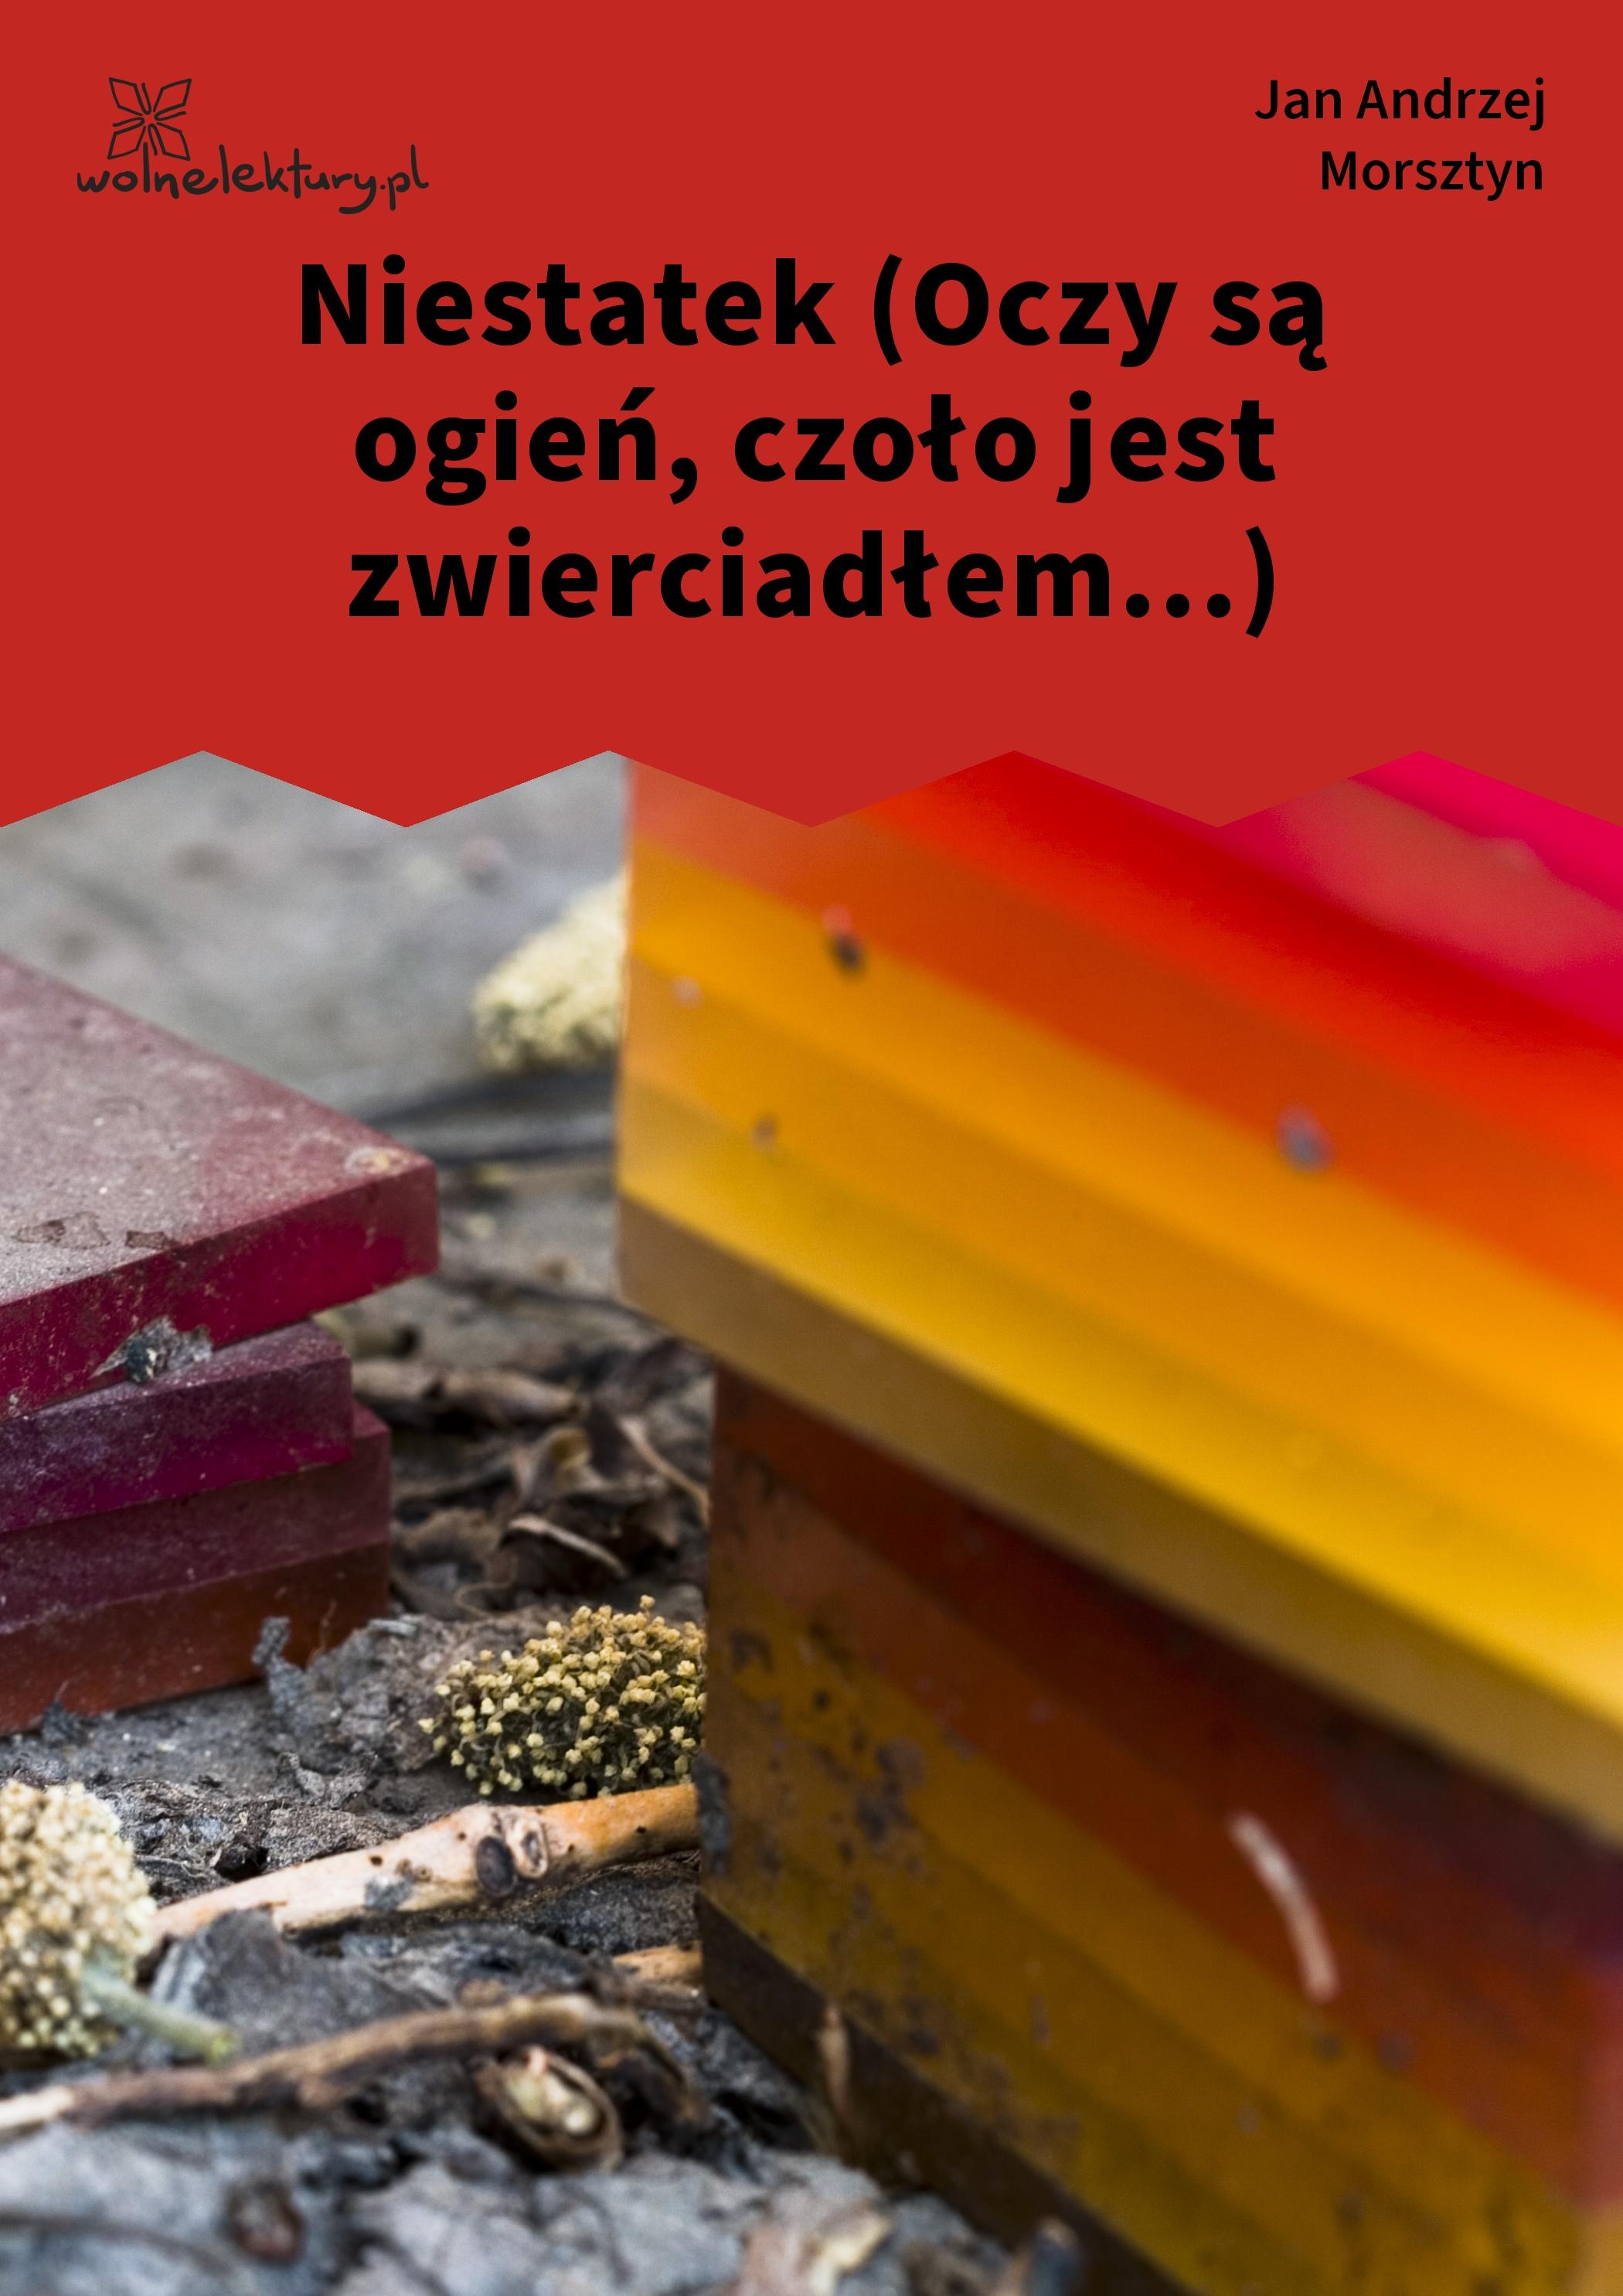 Jan Andrzej Morsztyn Niestatek Oczy Są Ogień Czoło Jest